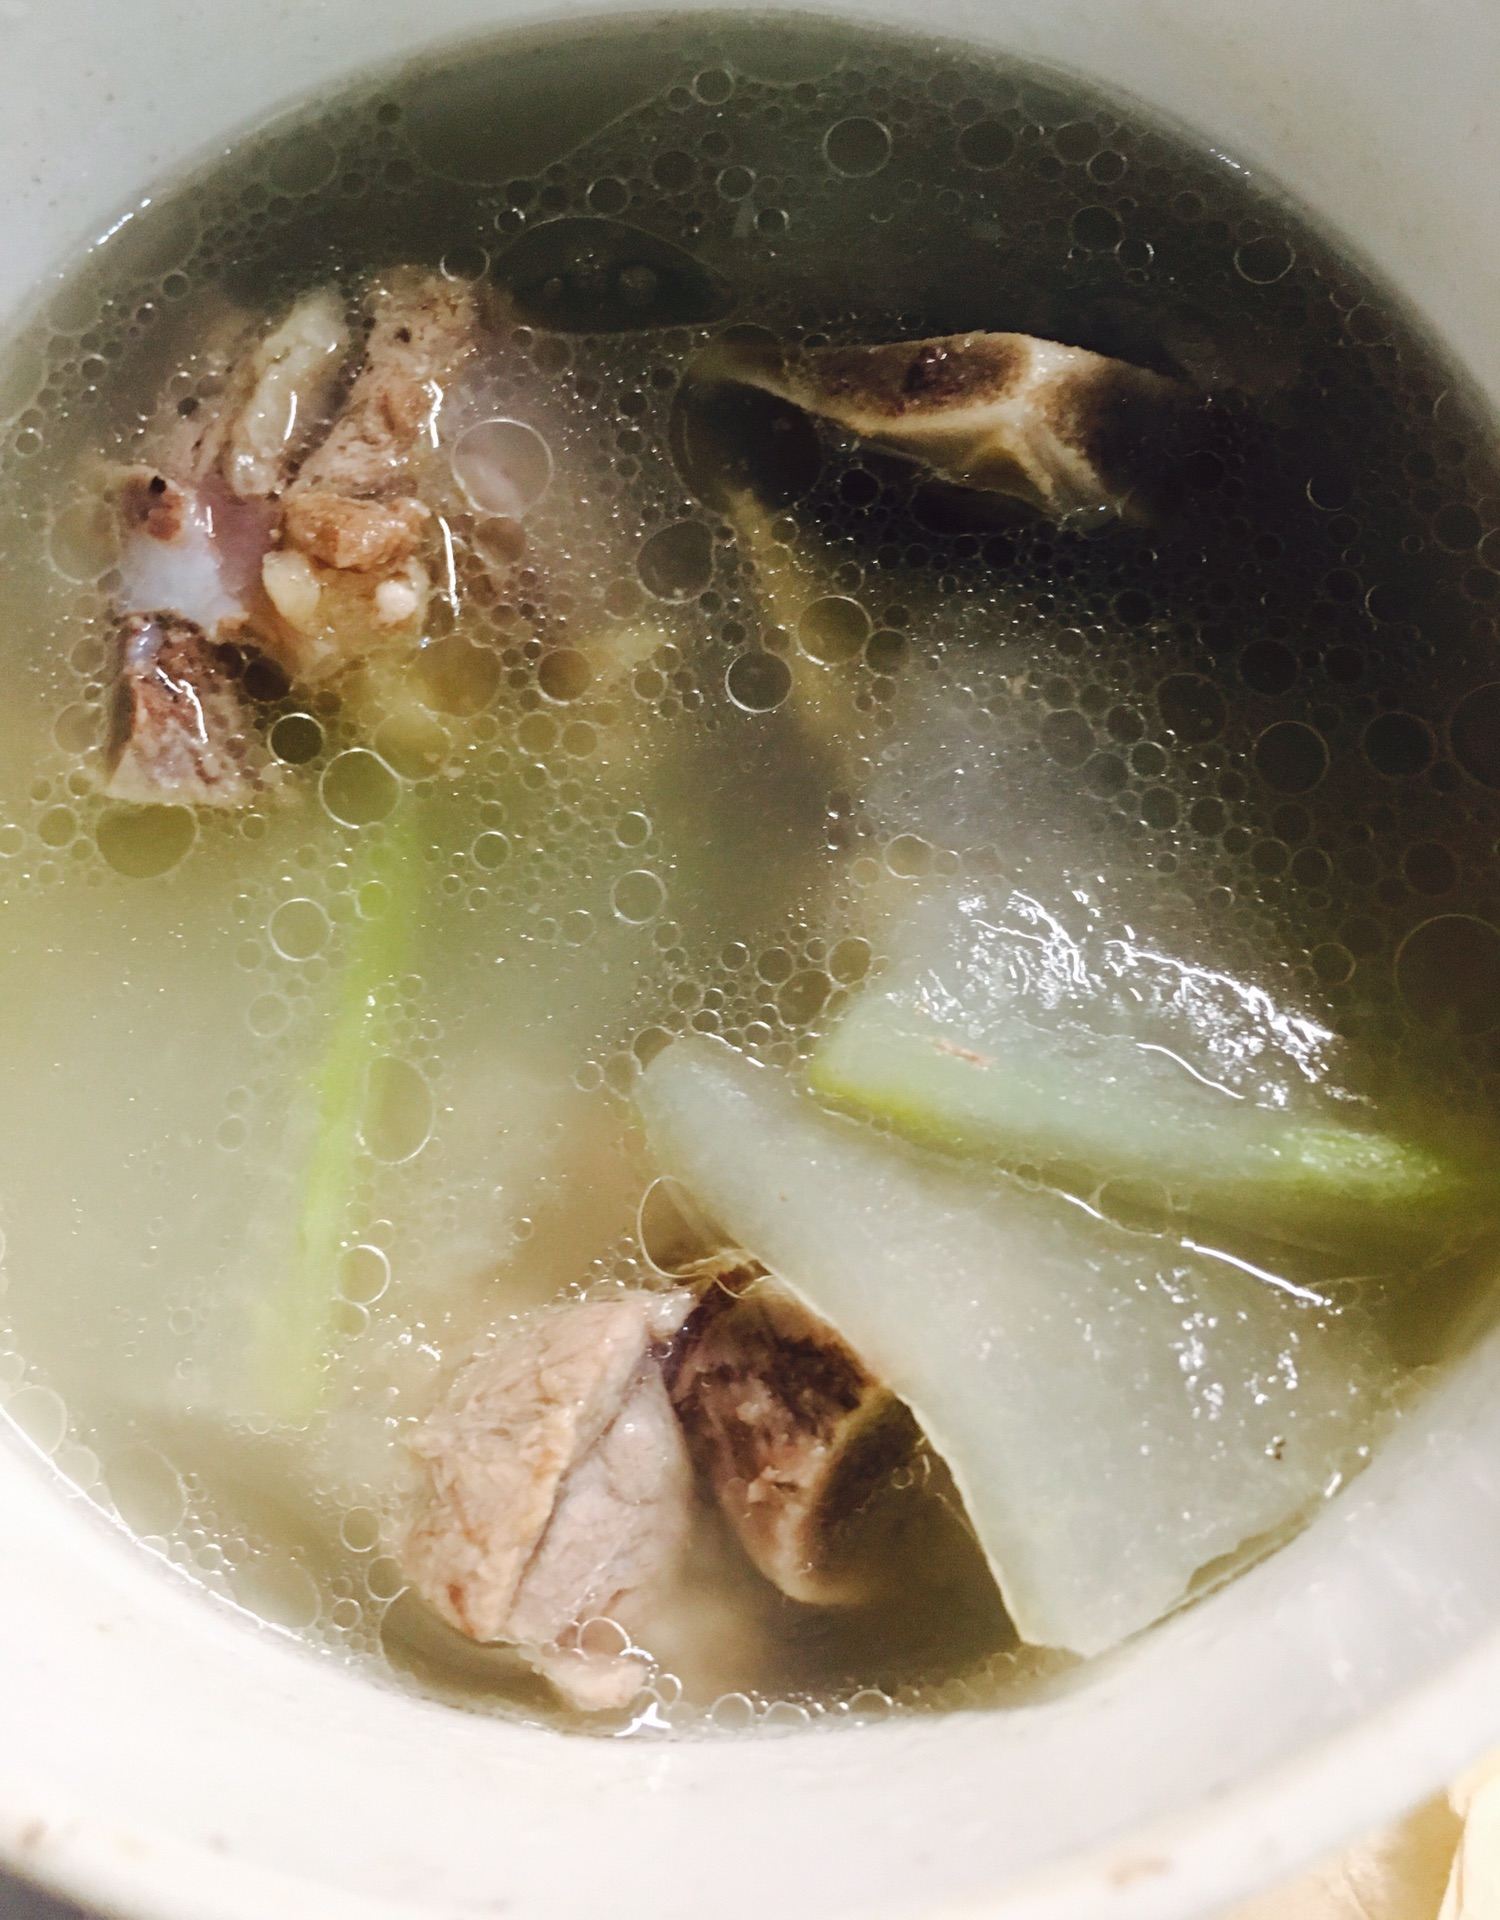 冬瓜微波炉菜谱-快手排骨汤炒黄豆胀气